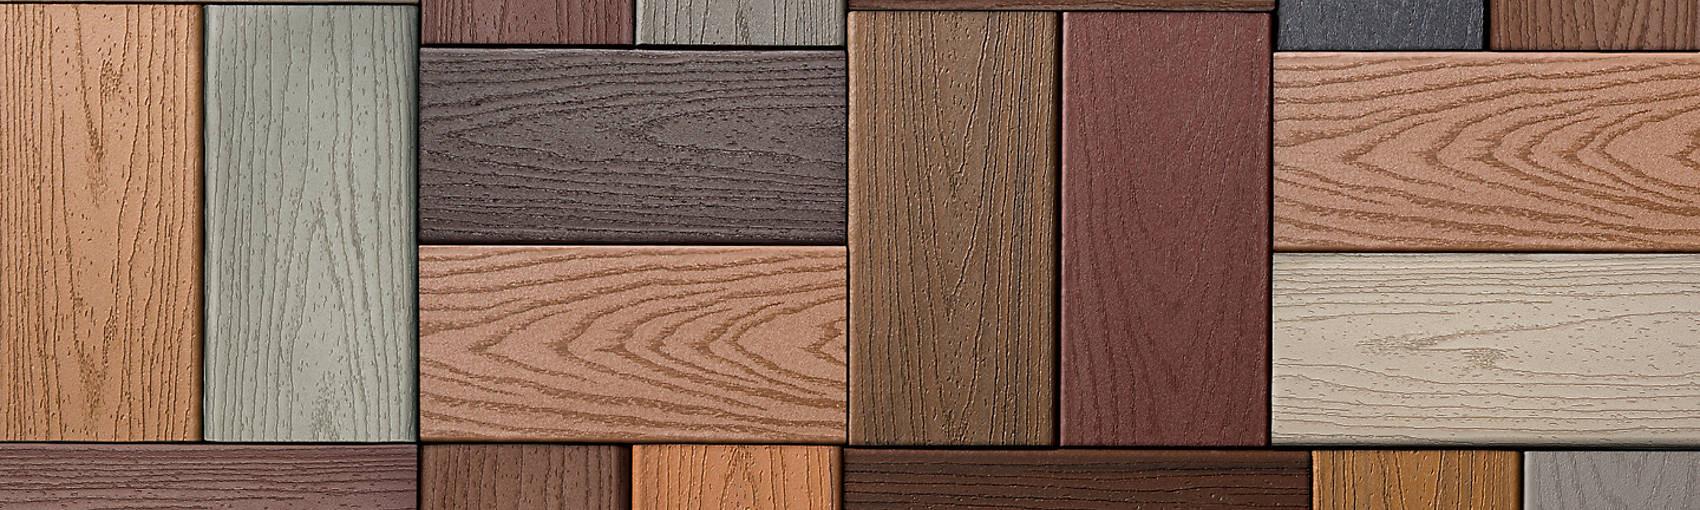 hardwood floor refinishing ottawa ontario of composite decking composite deck materials trex in trex color selector hero 2